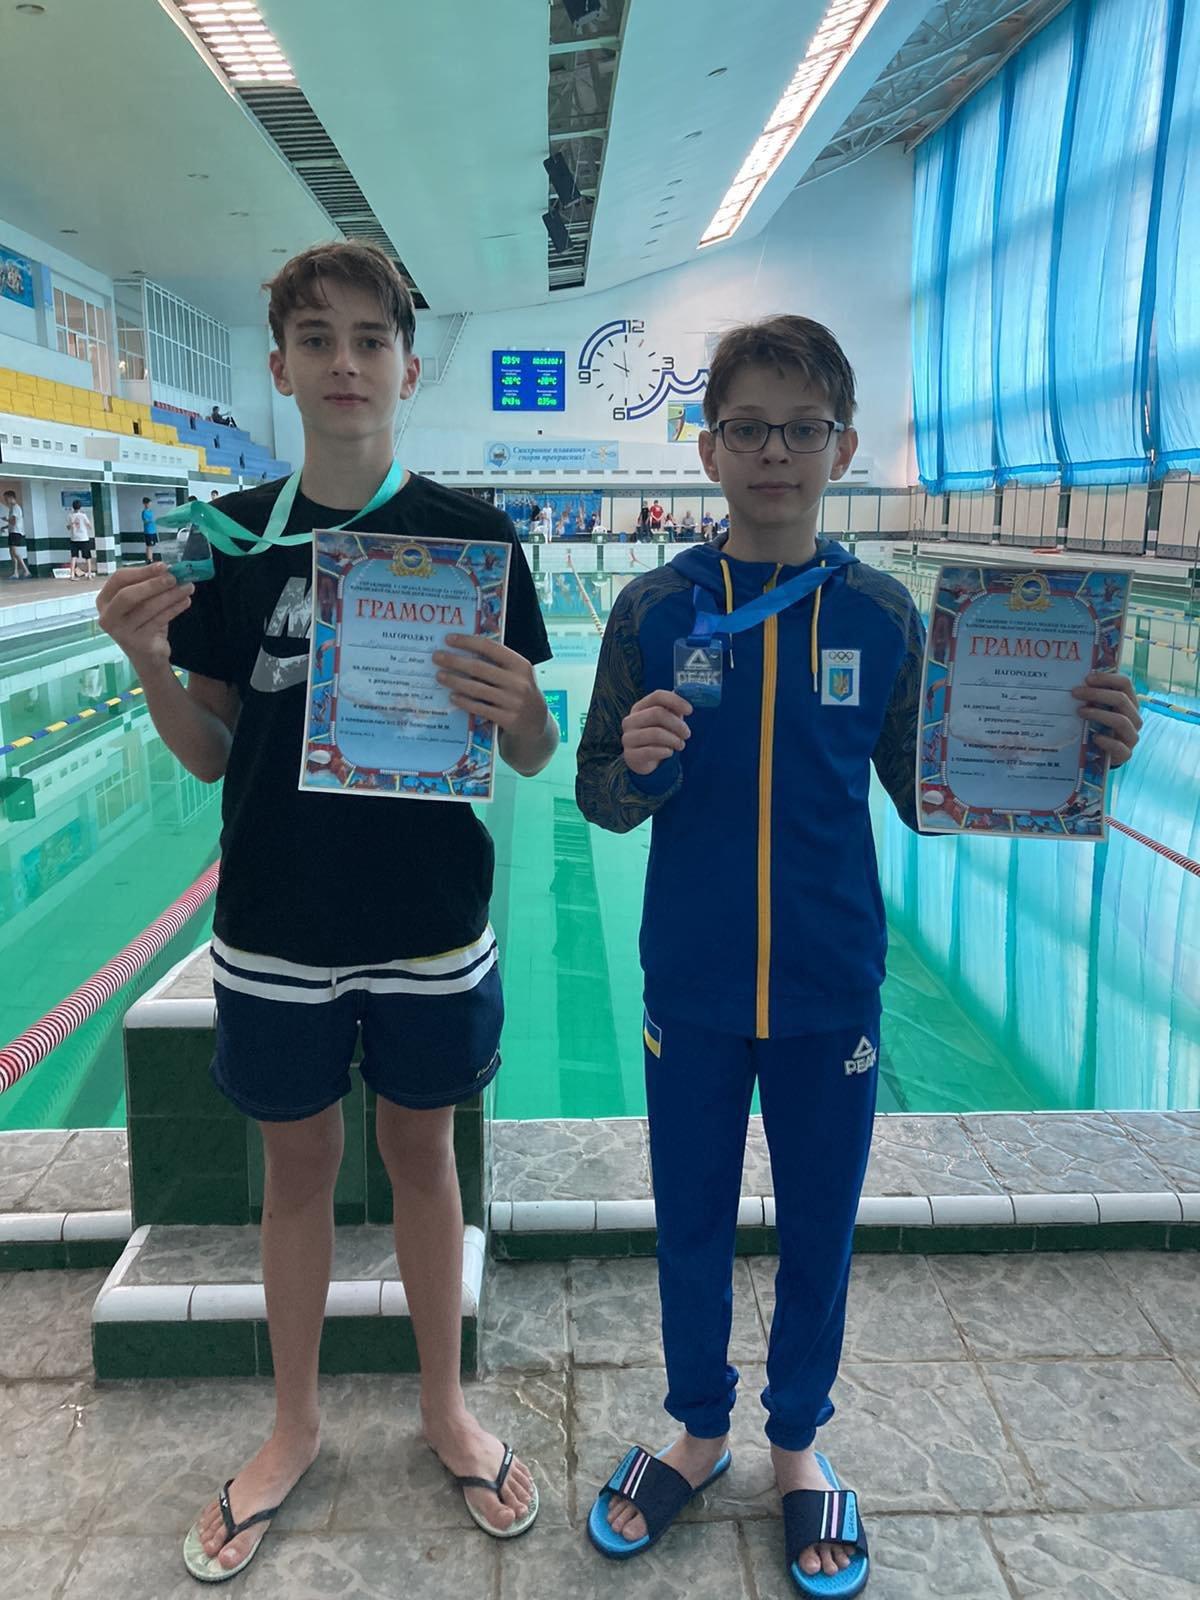 Лозівські плавці та плавчині привезли нагороди зі змагань у Харкові, фото-1